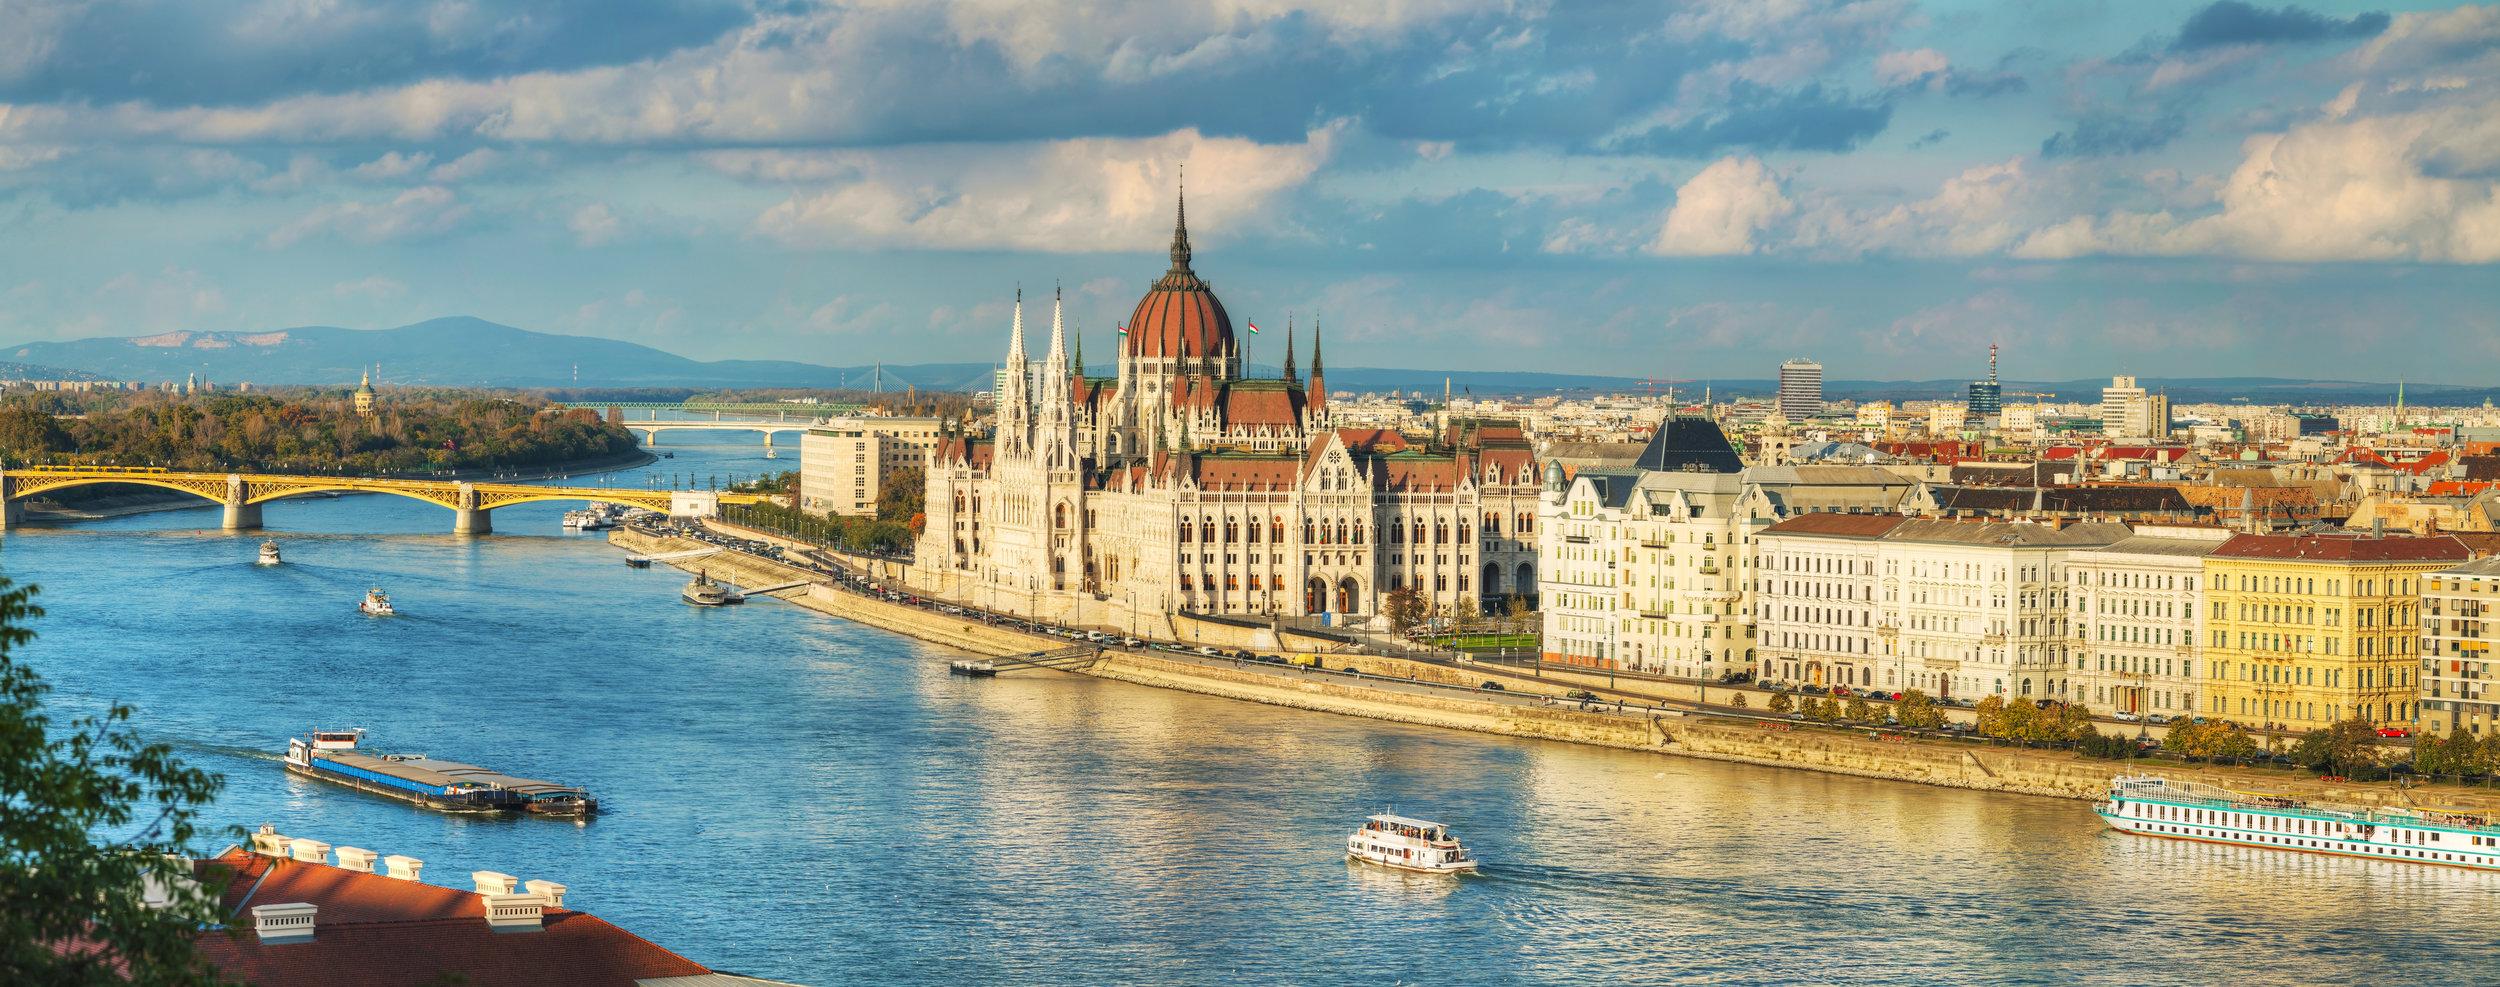 Hungary -